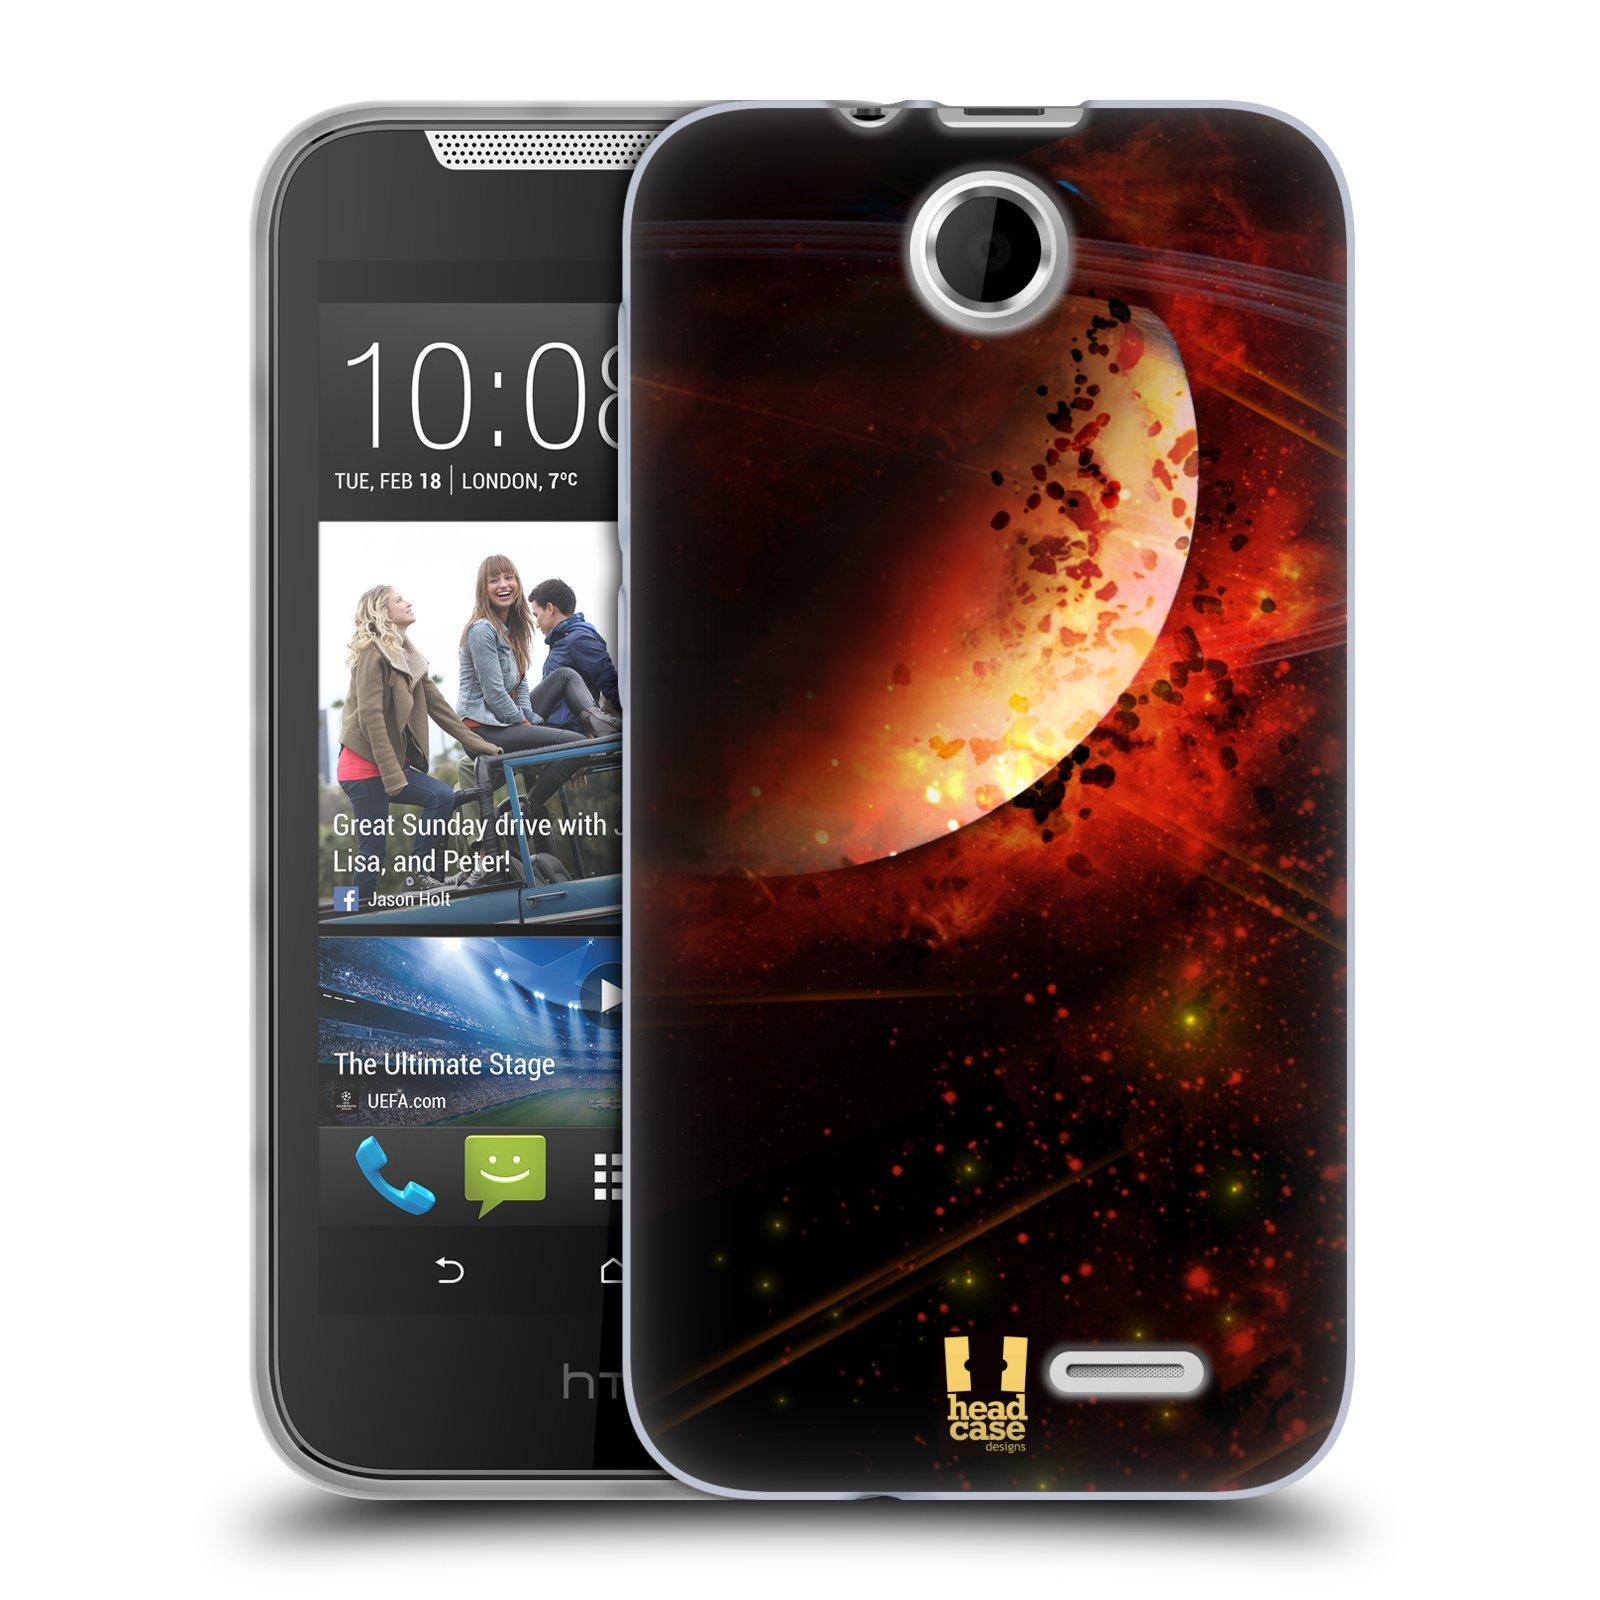 Silikonové pouzdro na mobil HTC Desire 310 HEAD CASE SATURN (Silikonový kryt či obal na mobilní telefon HTC Desire 310)